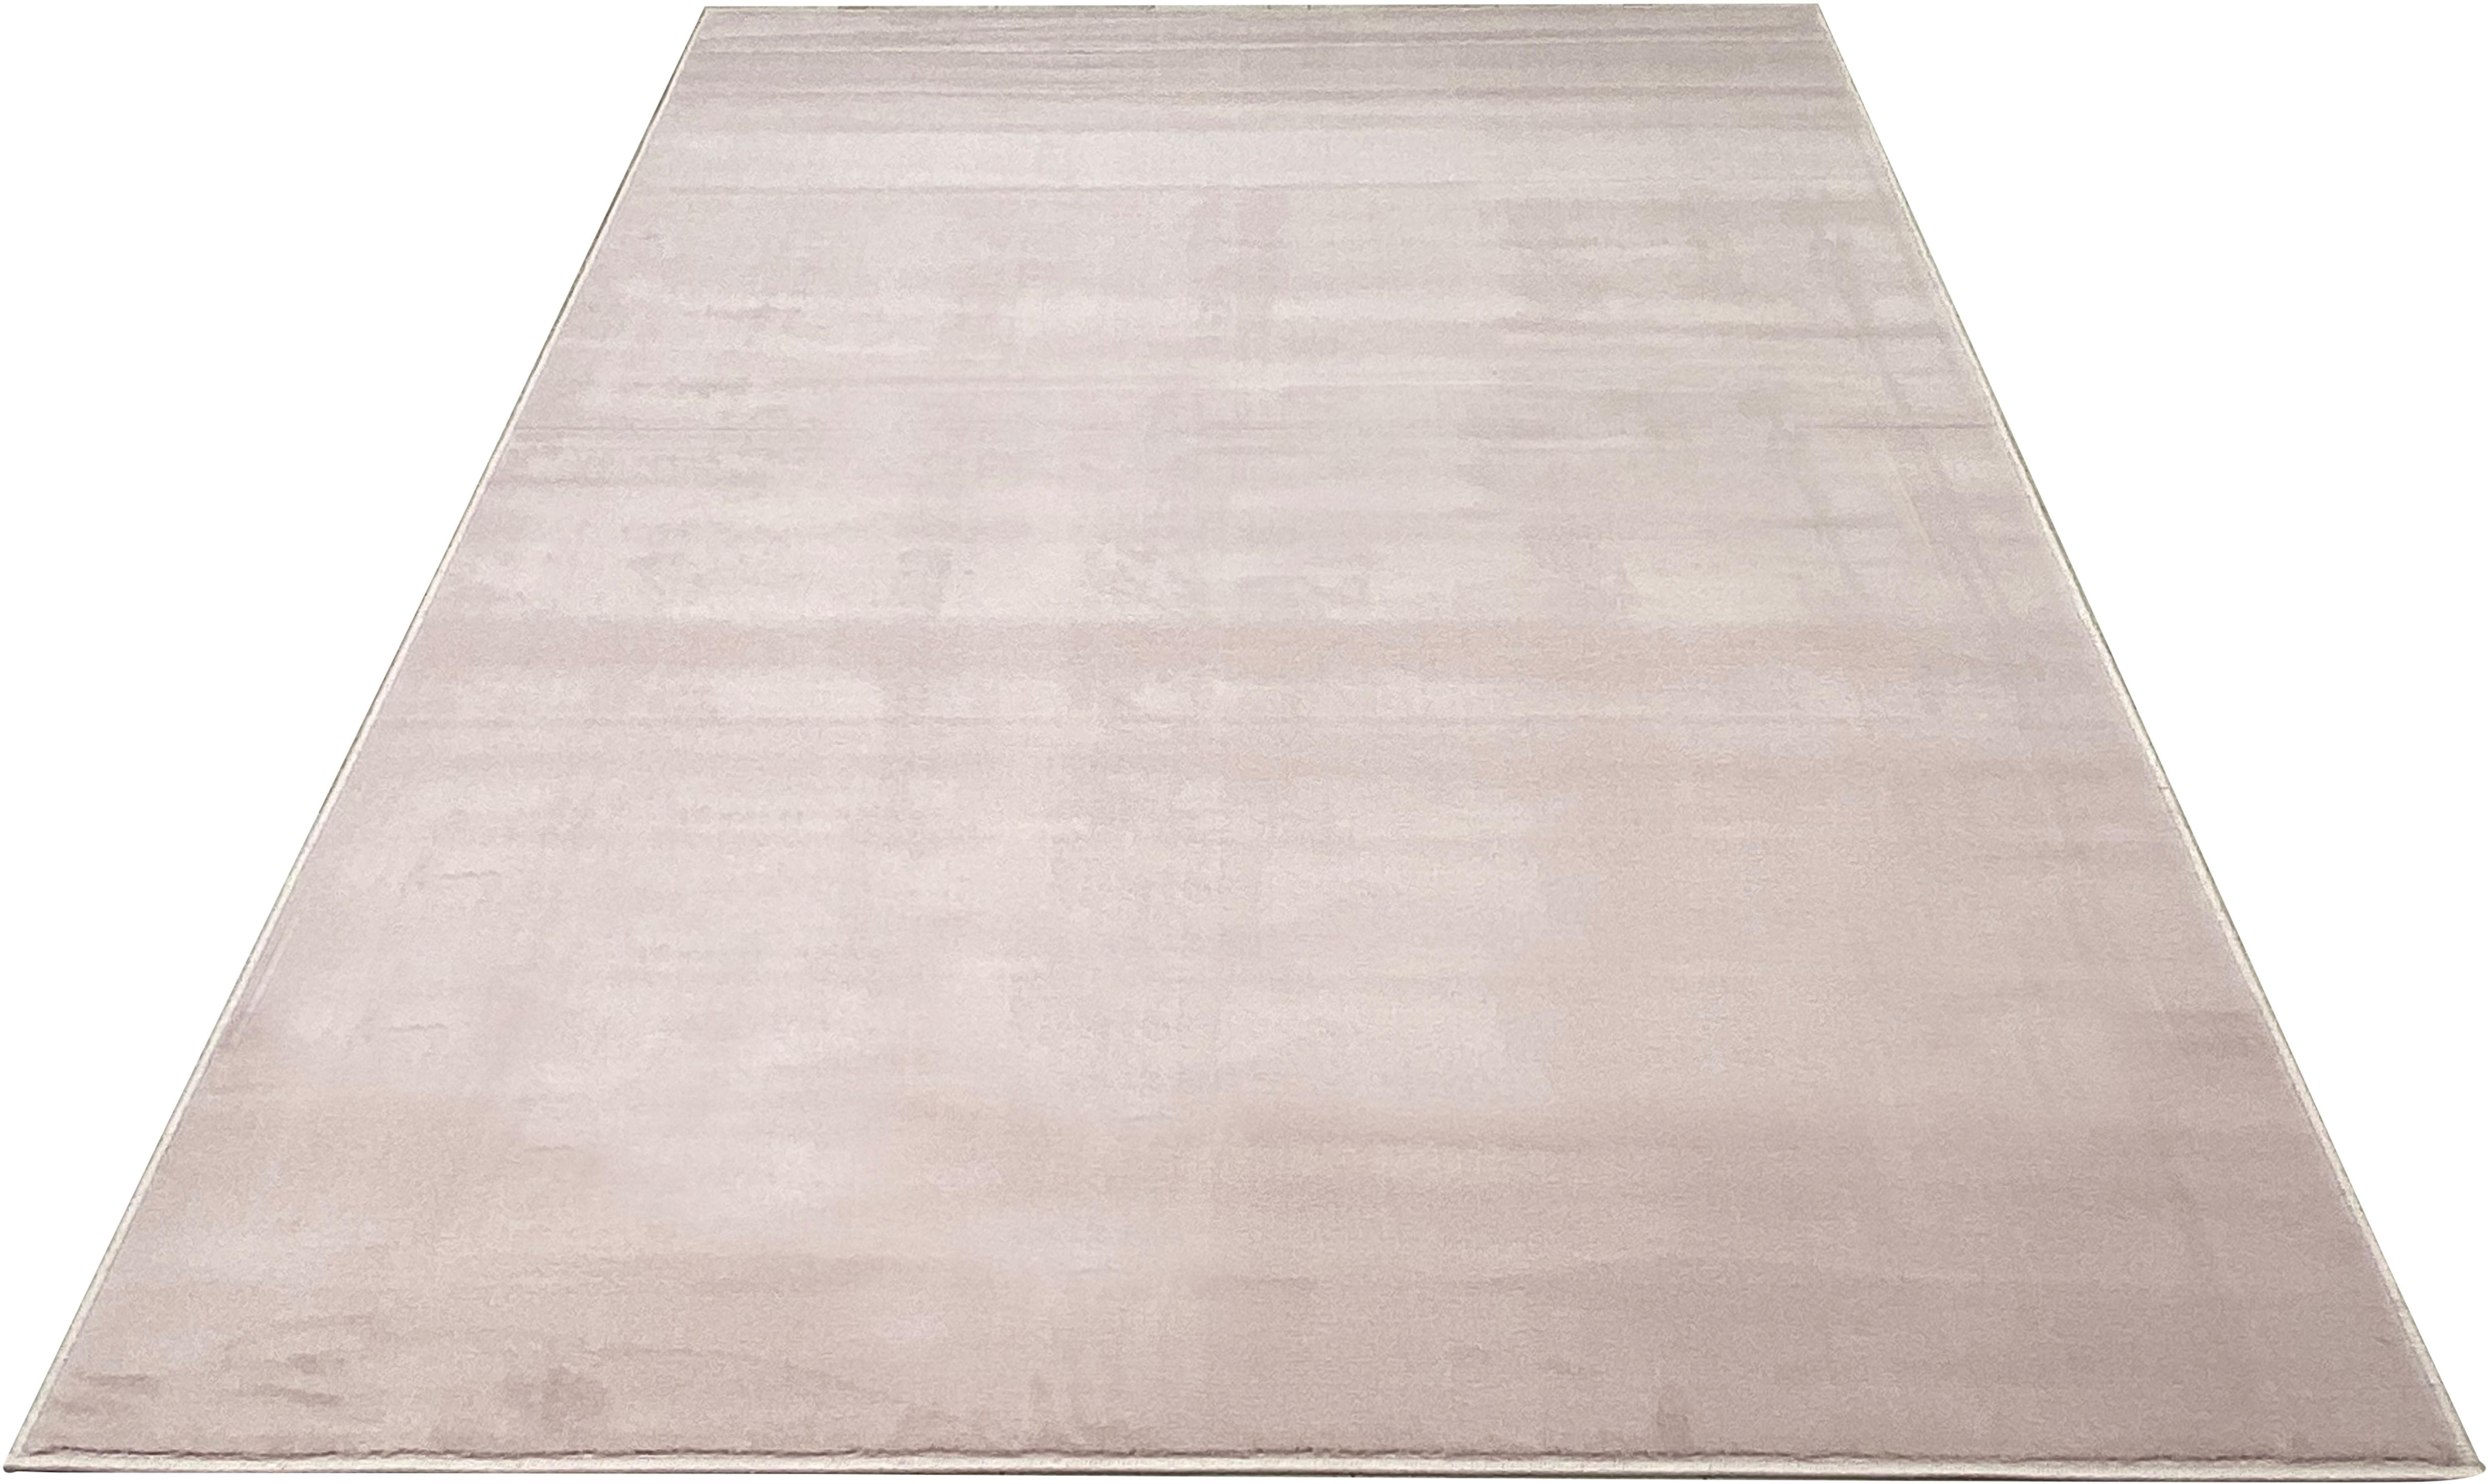 my home Teppich Paddy, rechteckig, 7 mm Höhe, Uni Teppich, Wohnzimmer rosa Esszimmerteppiche Teppiche nach Räumen